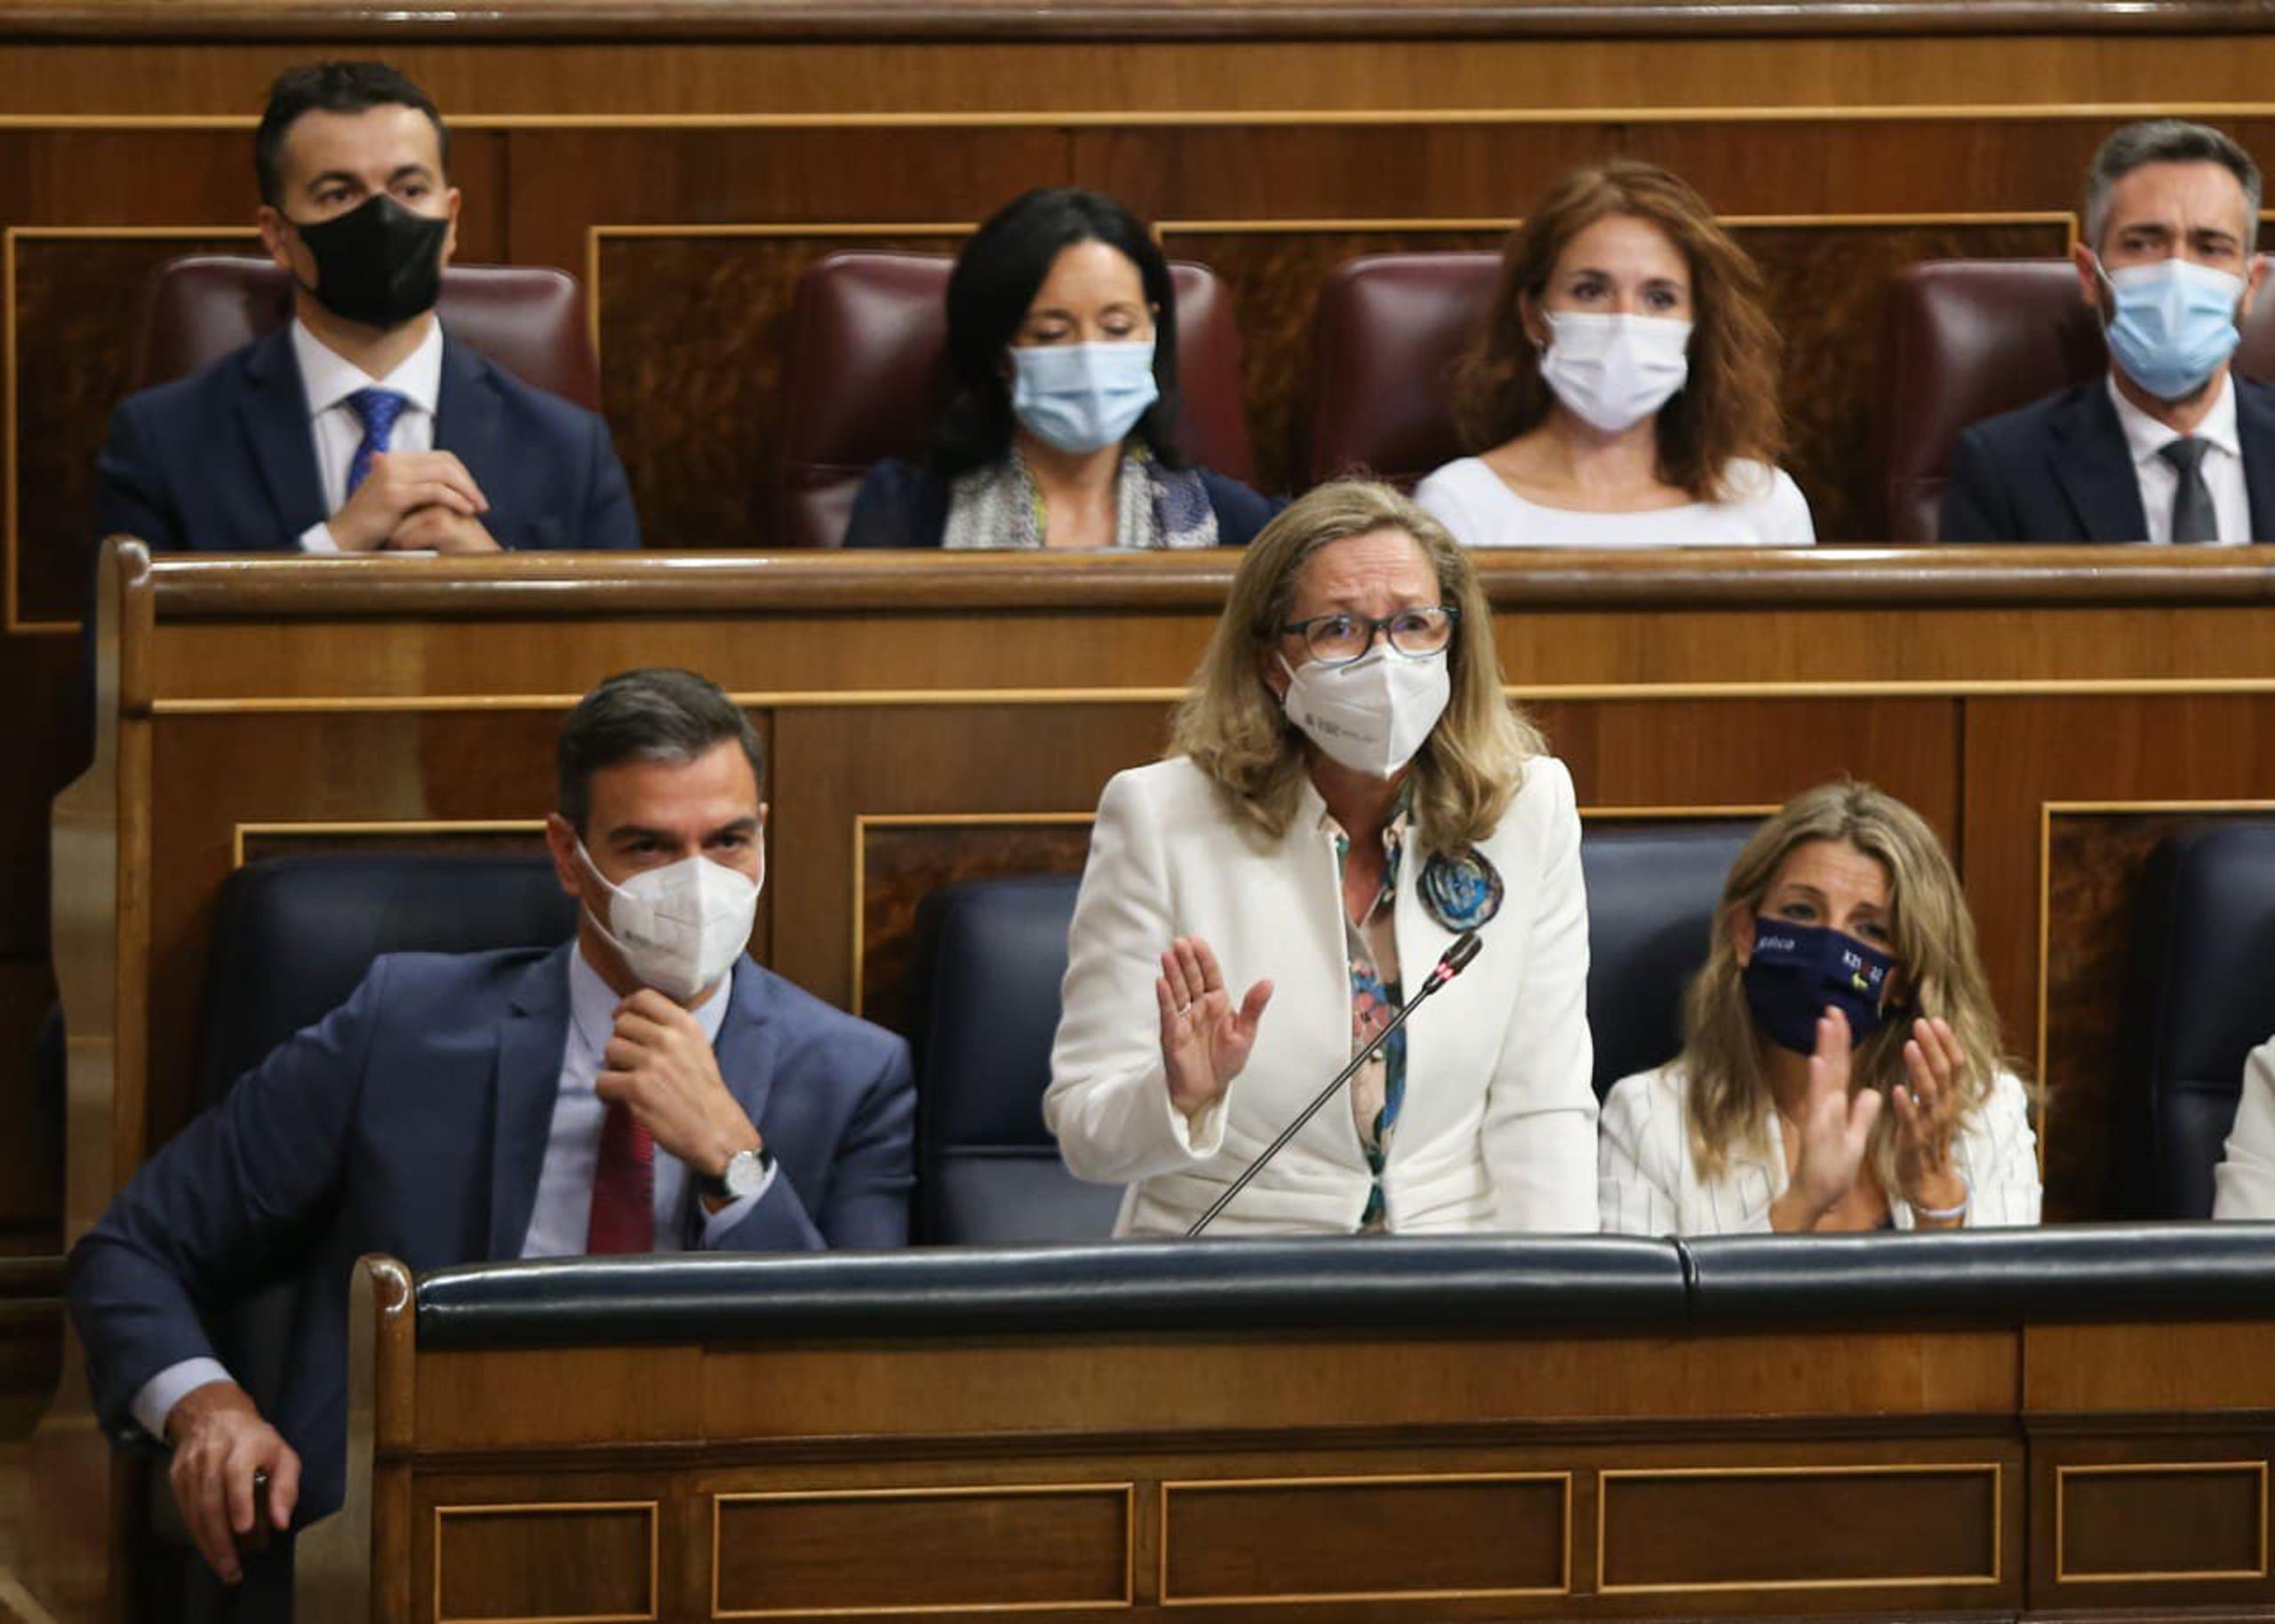 La vicepresidenta primera del govern espanyol, Nadia Calviño, al Congrés dels Diputats | ACN